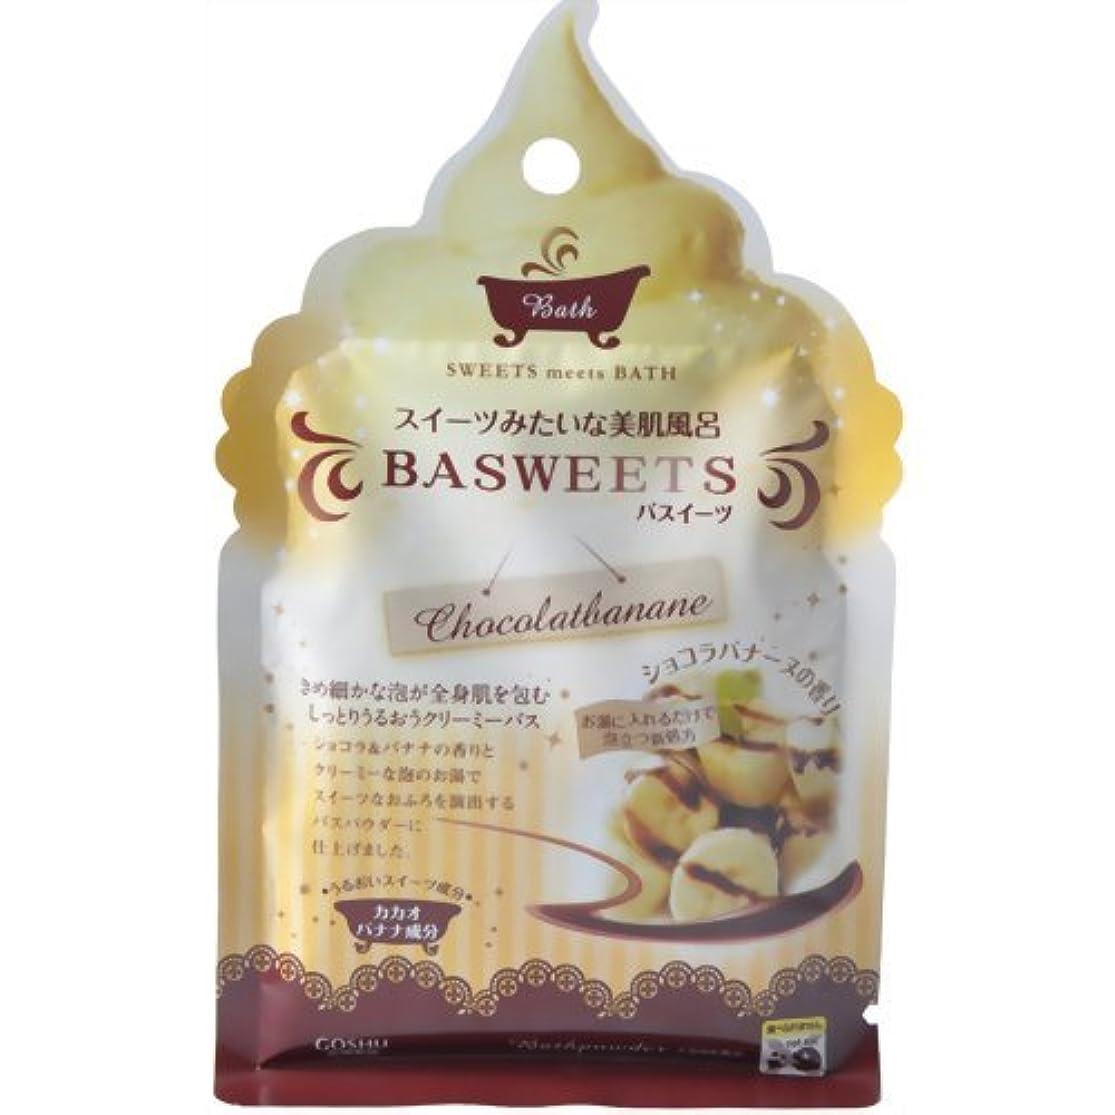 軽排気フレームワークバスイーツ ショコラバナーヌの香り 50g(入浴剤)